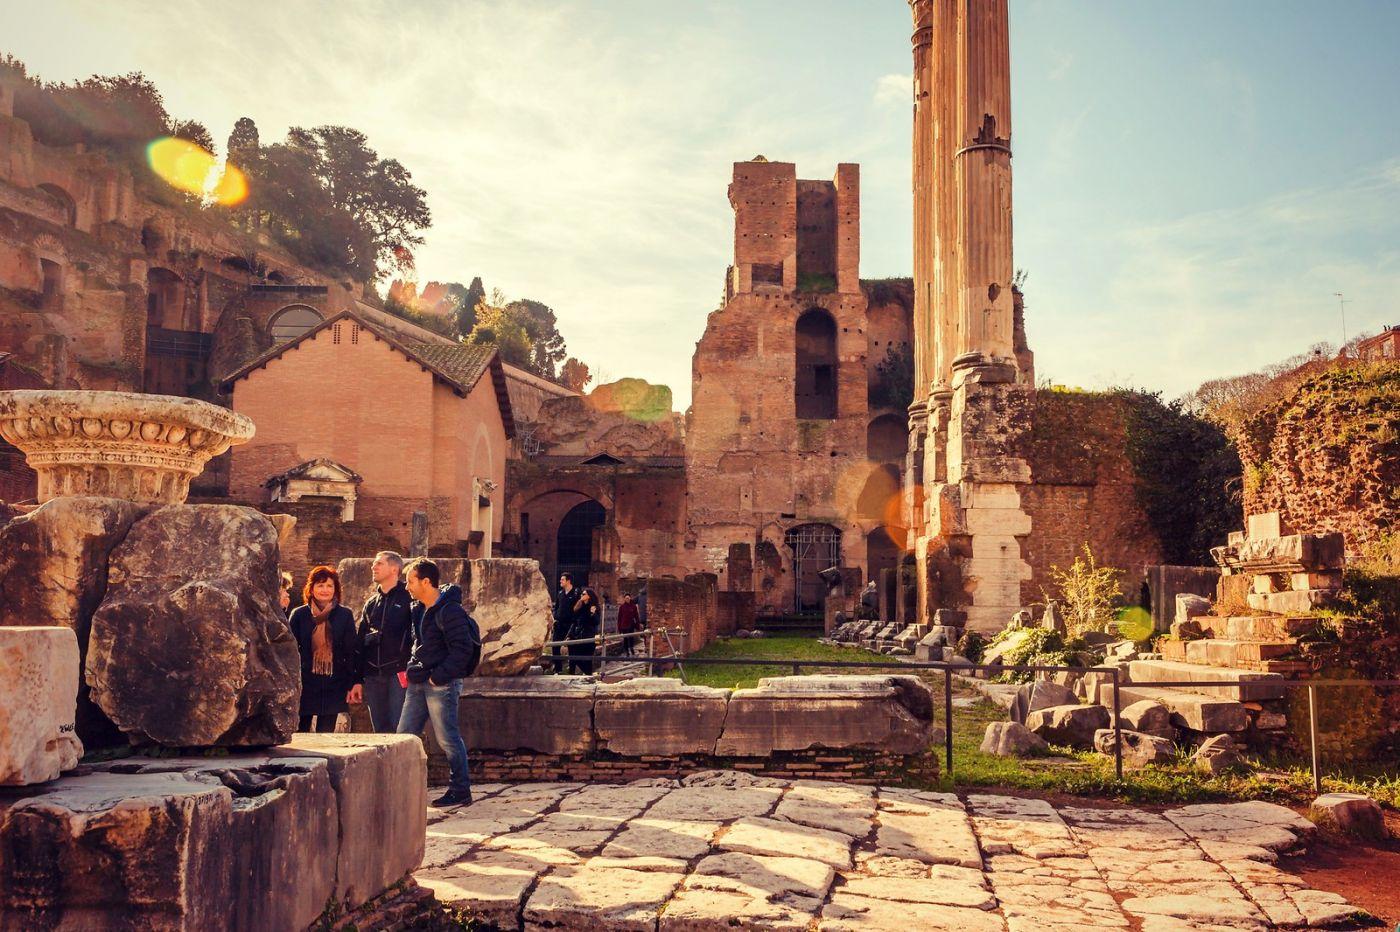 意大利罗马论坛,很敬佩_图1-4